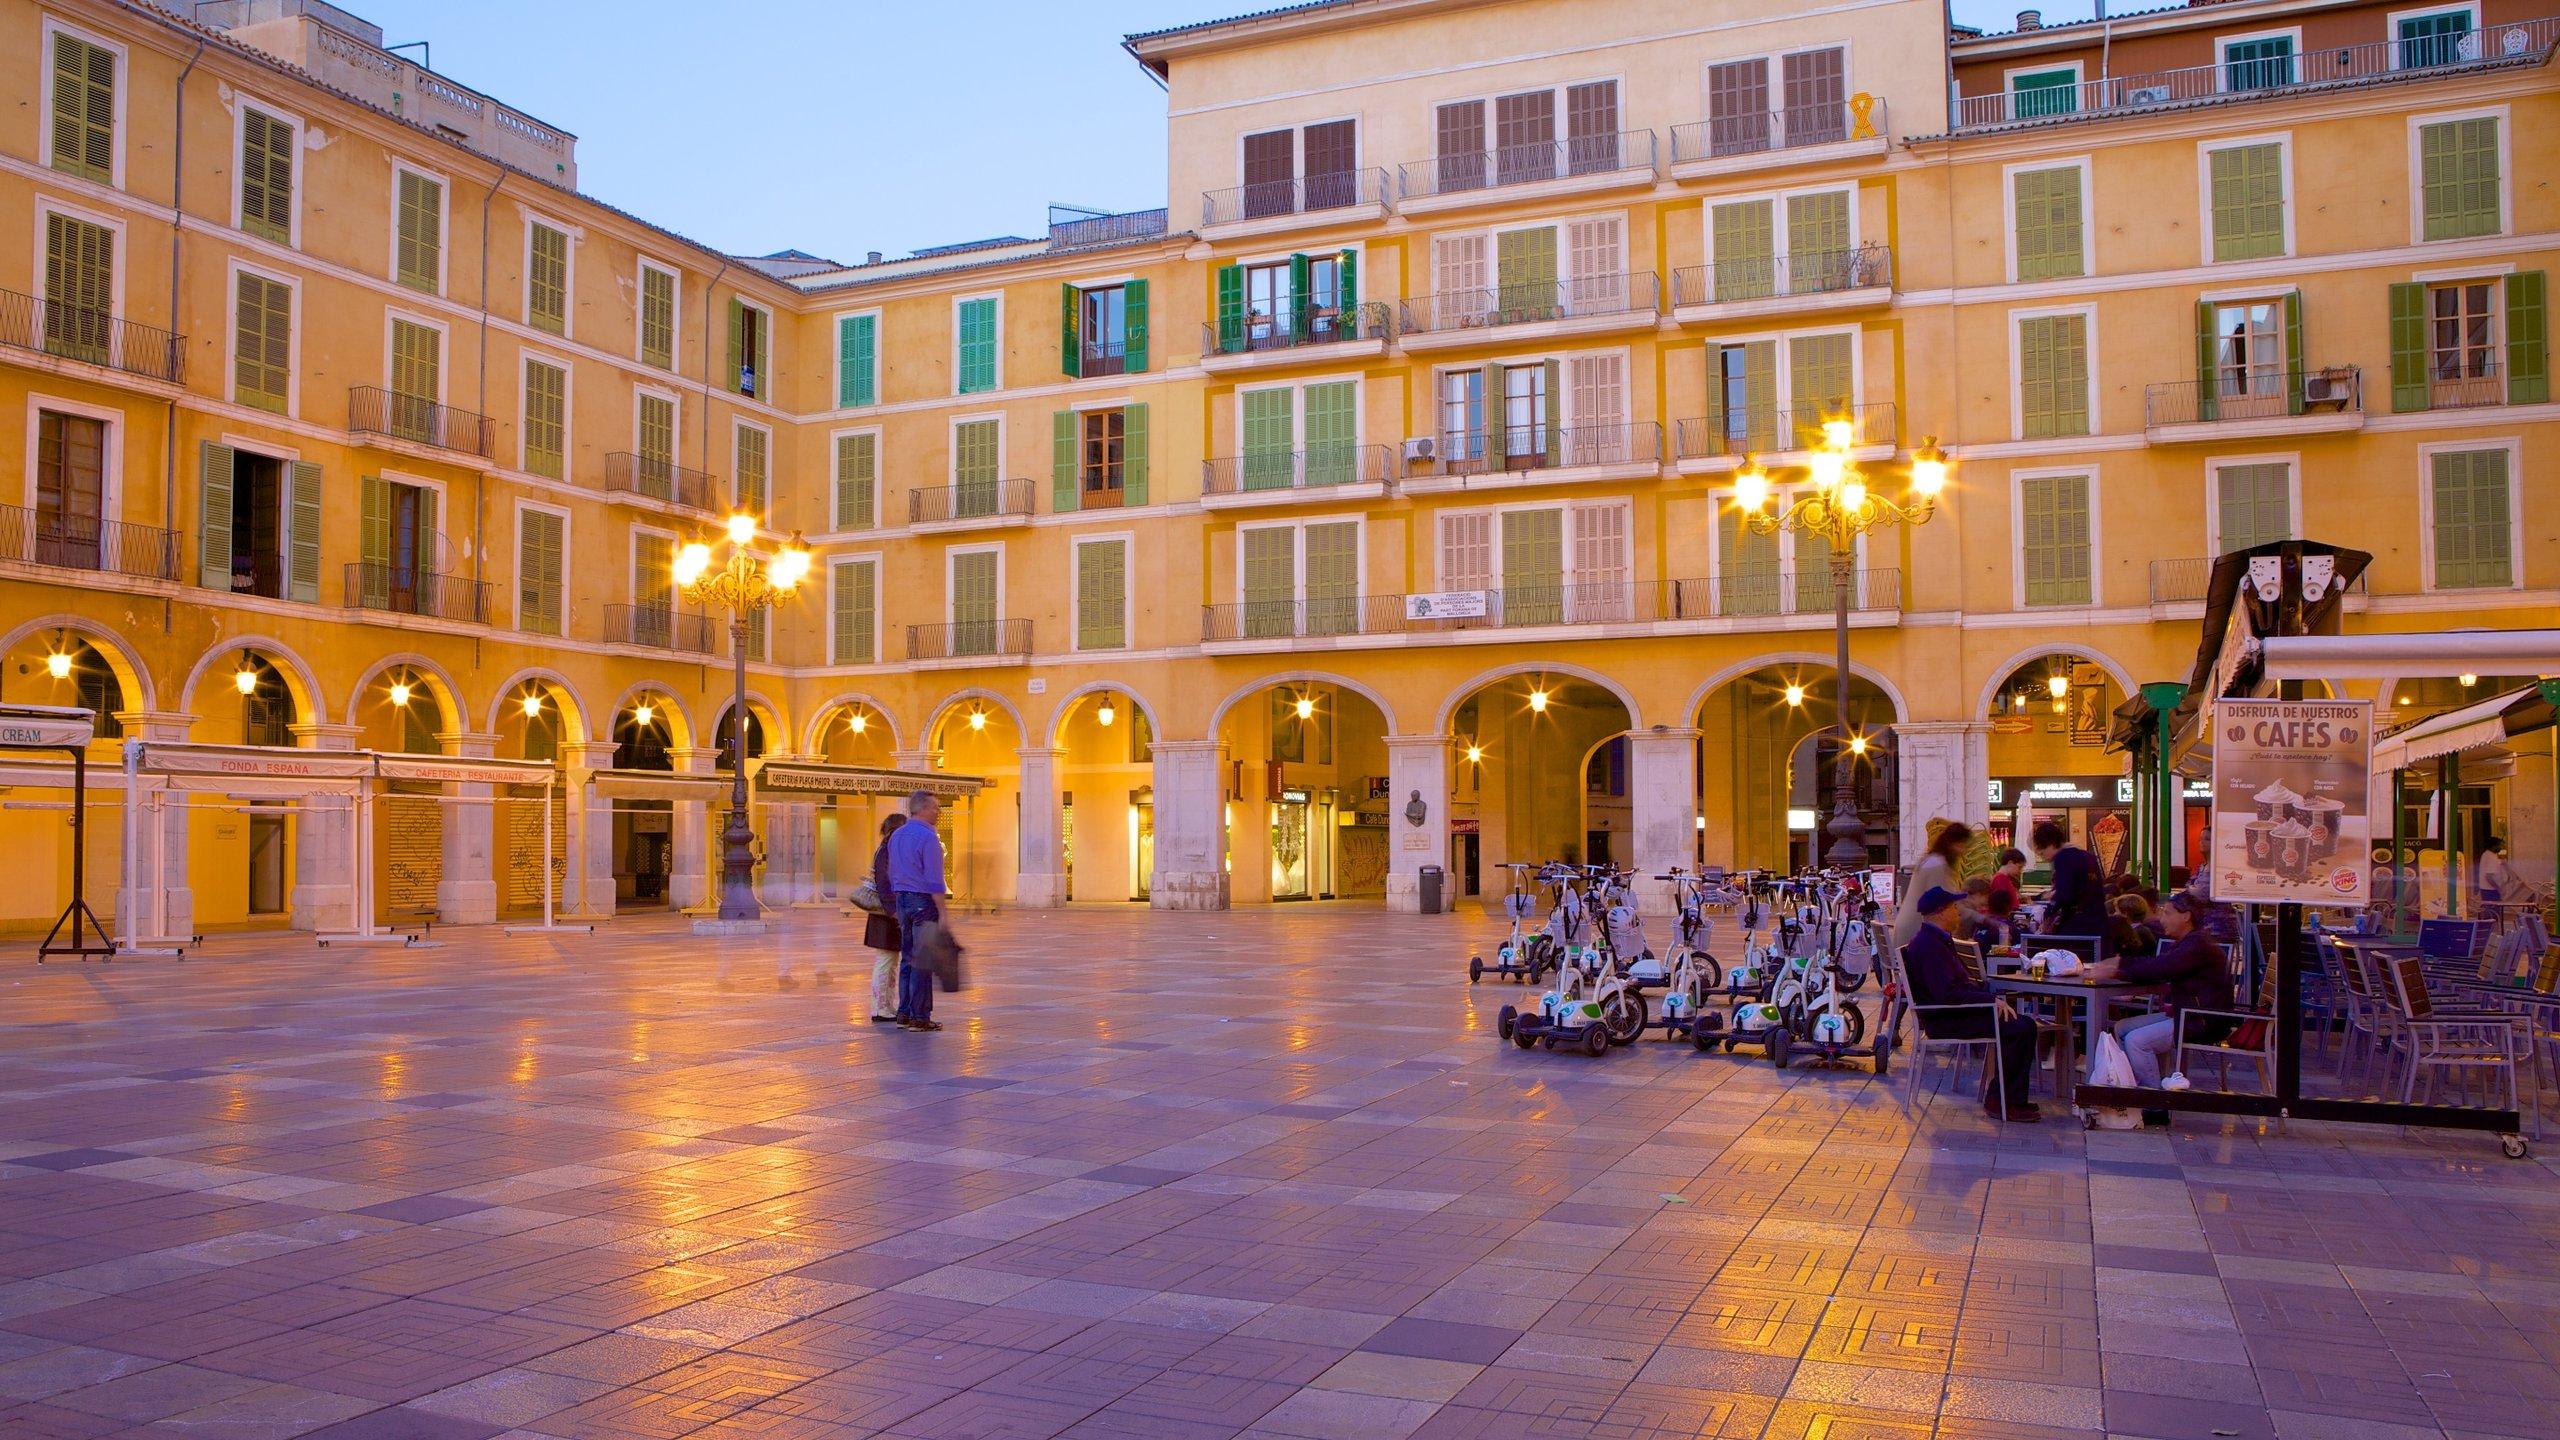 Palma de Mallorca Old Town, Palma de Mallorca, Balearic Islands, Spain